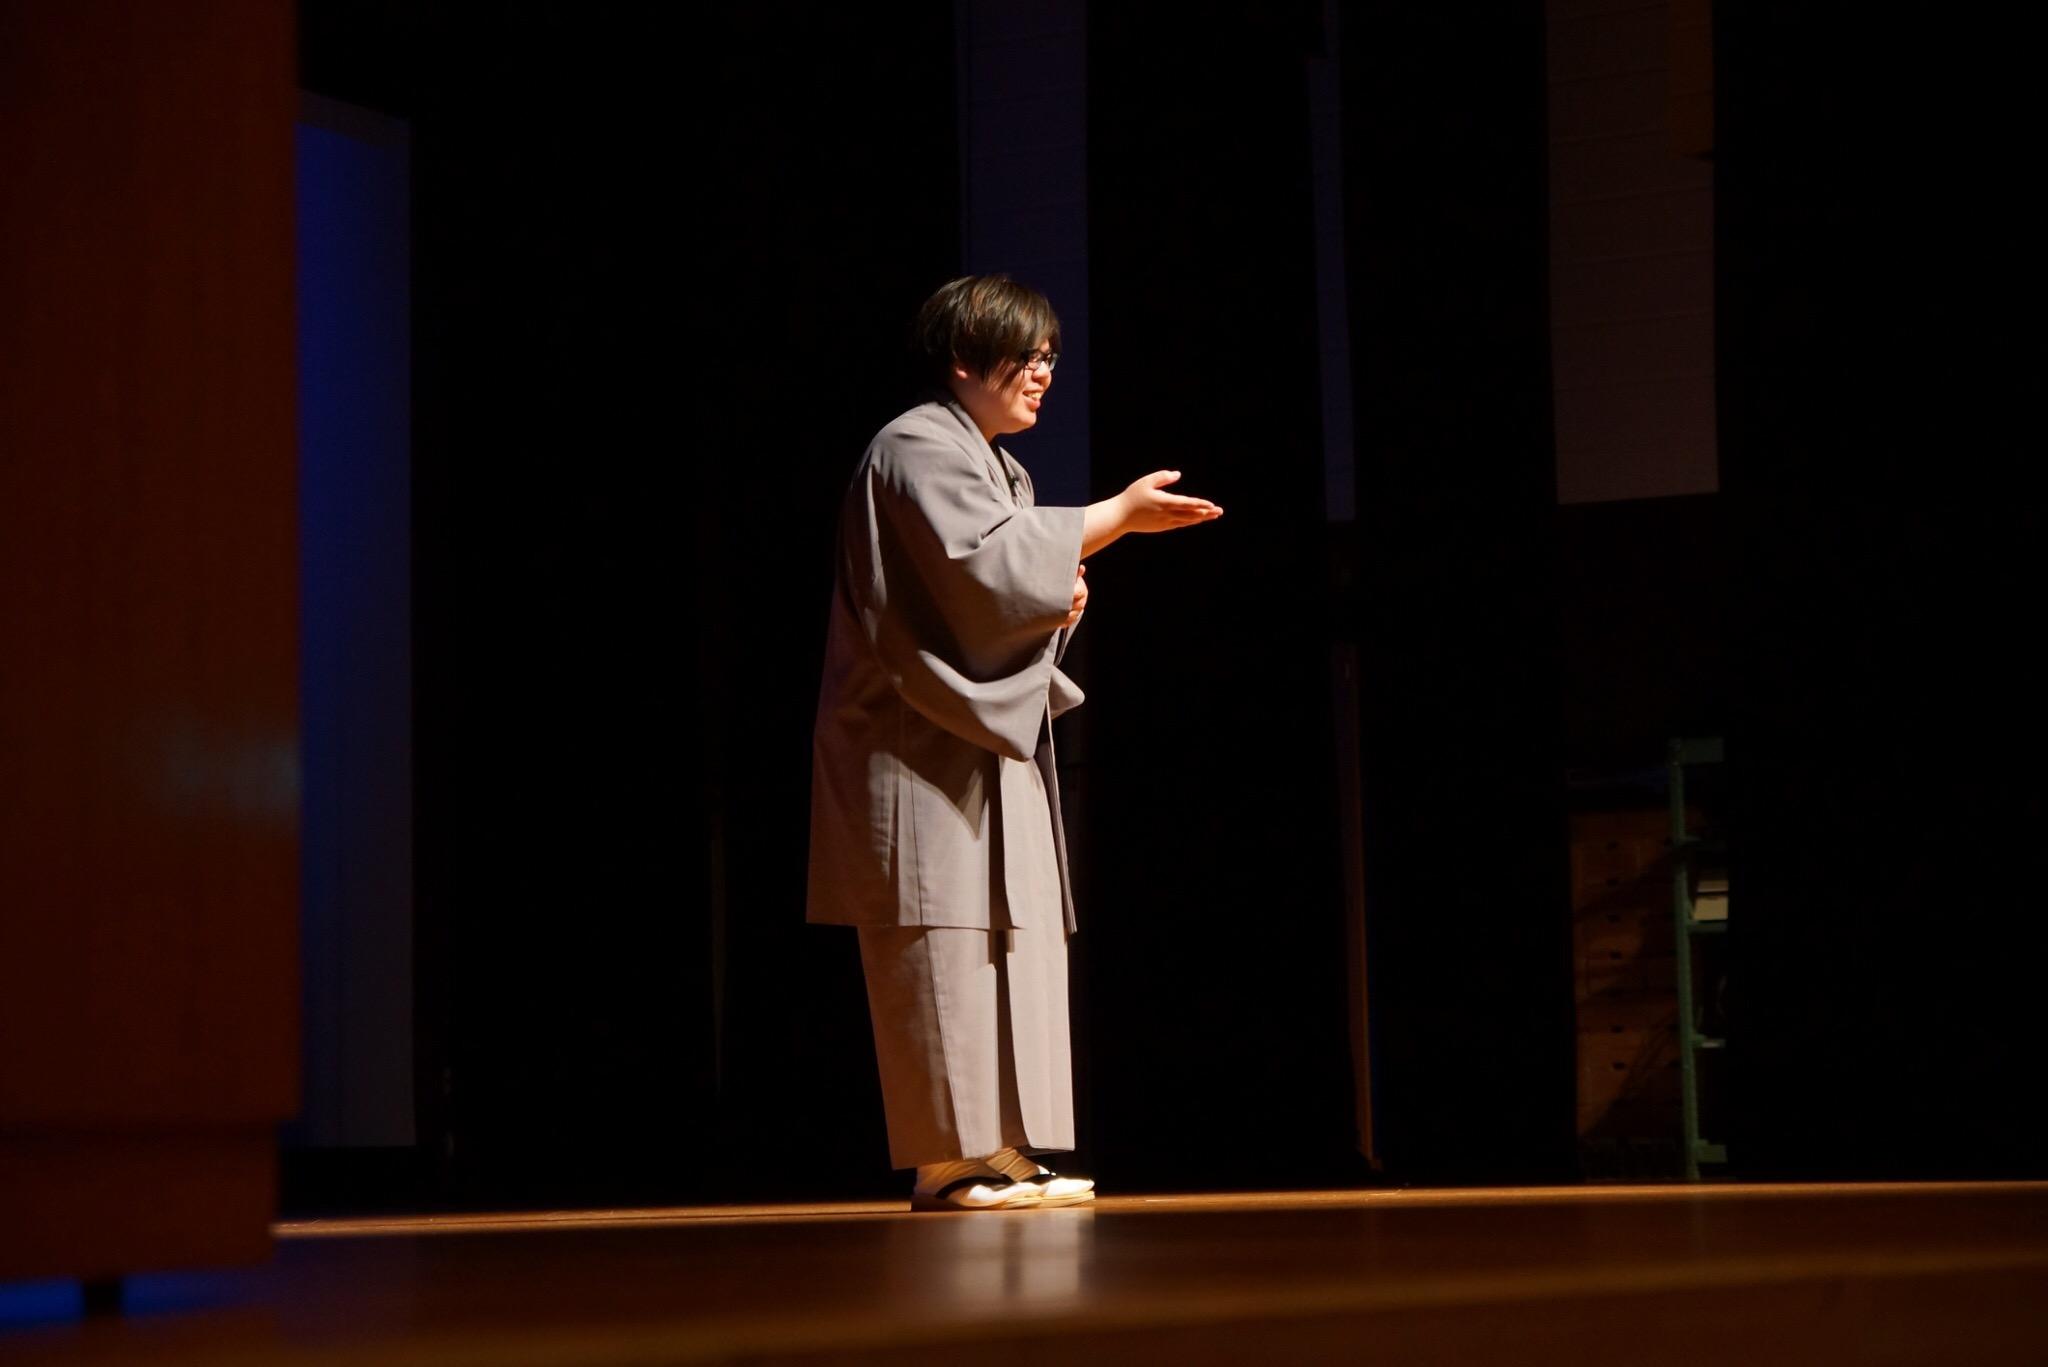 独演会in狛江市 エコルマホール